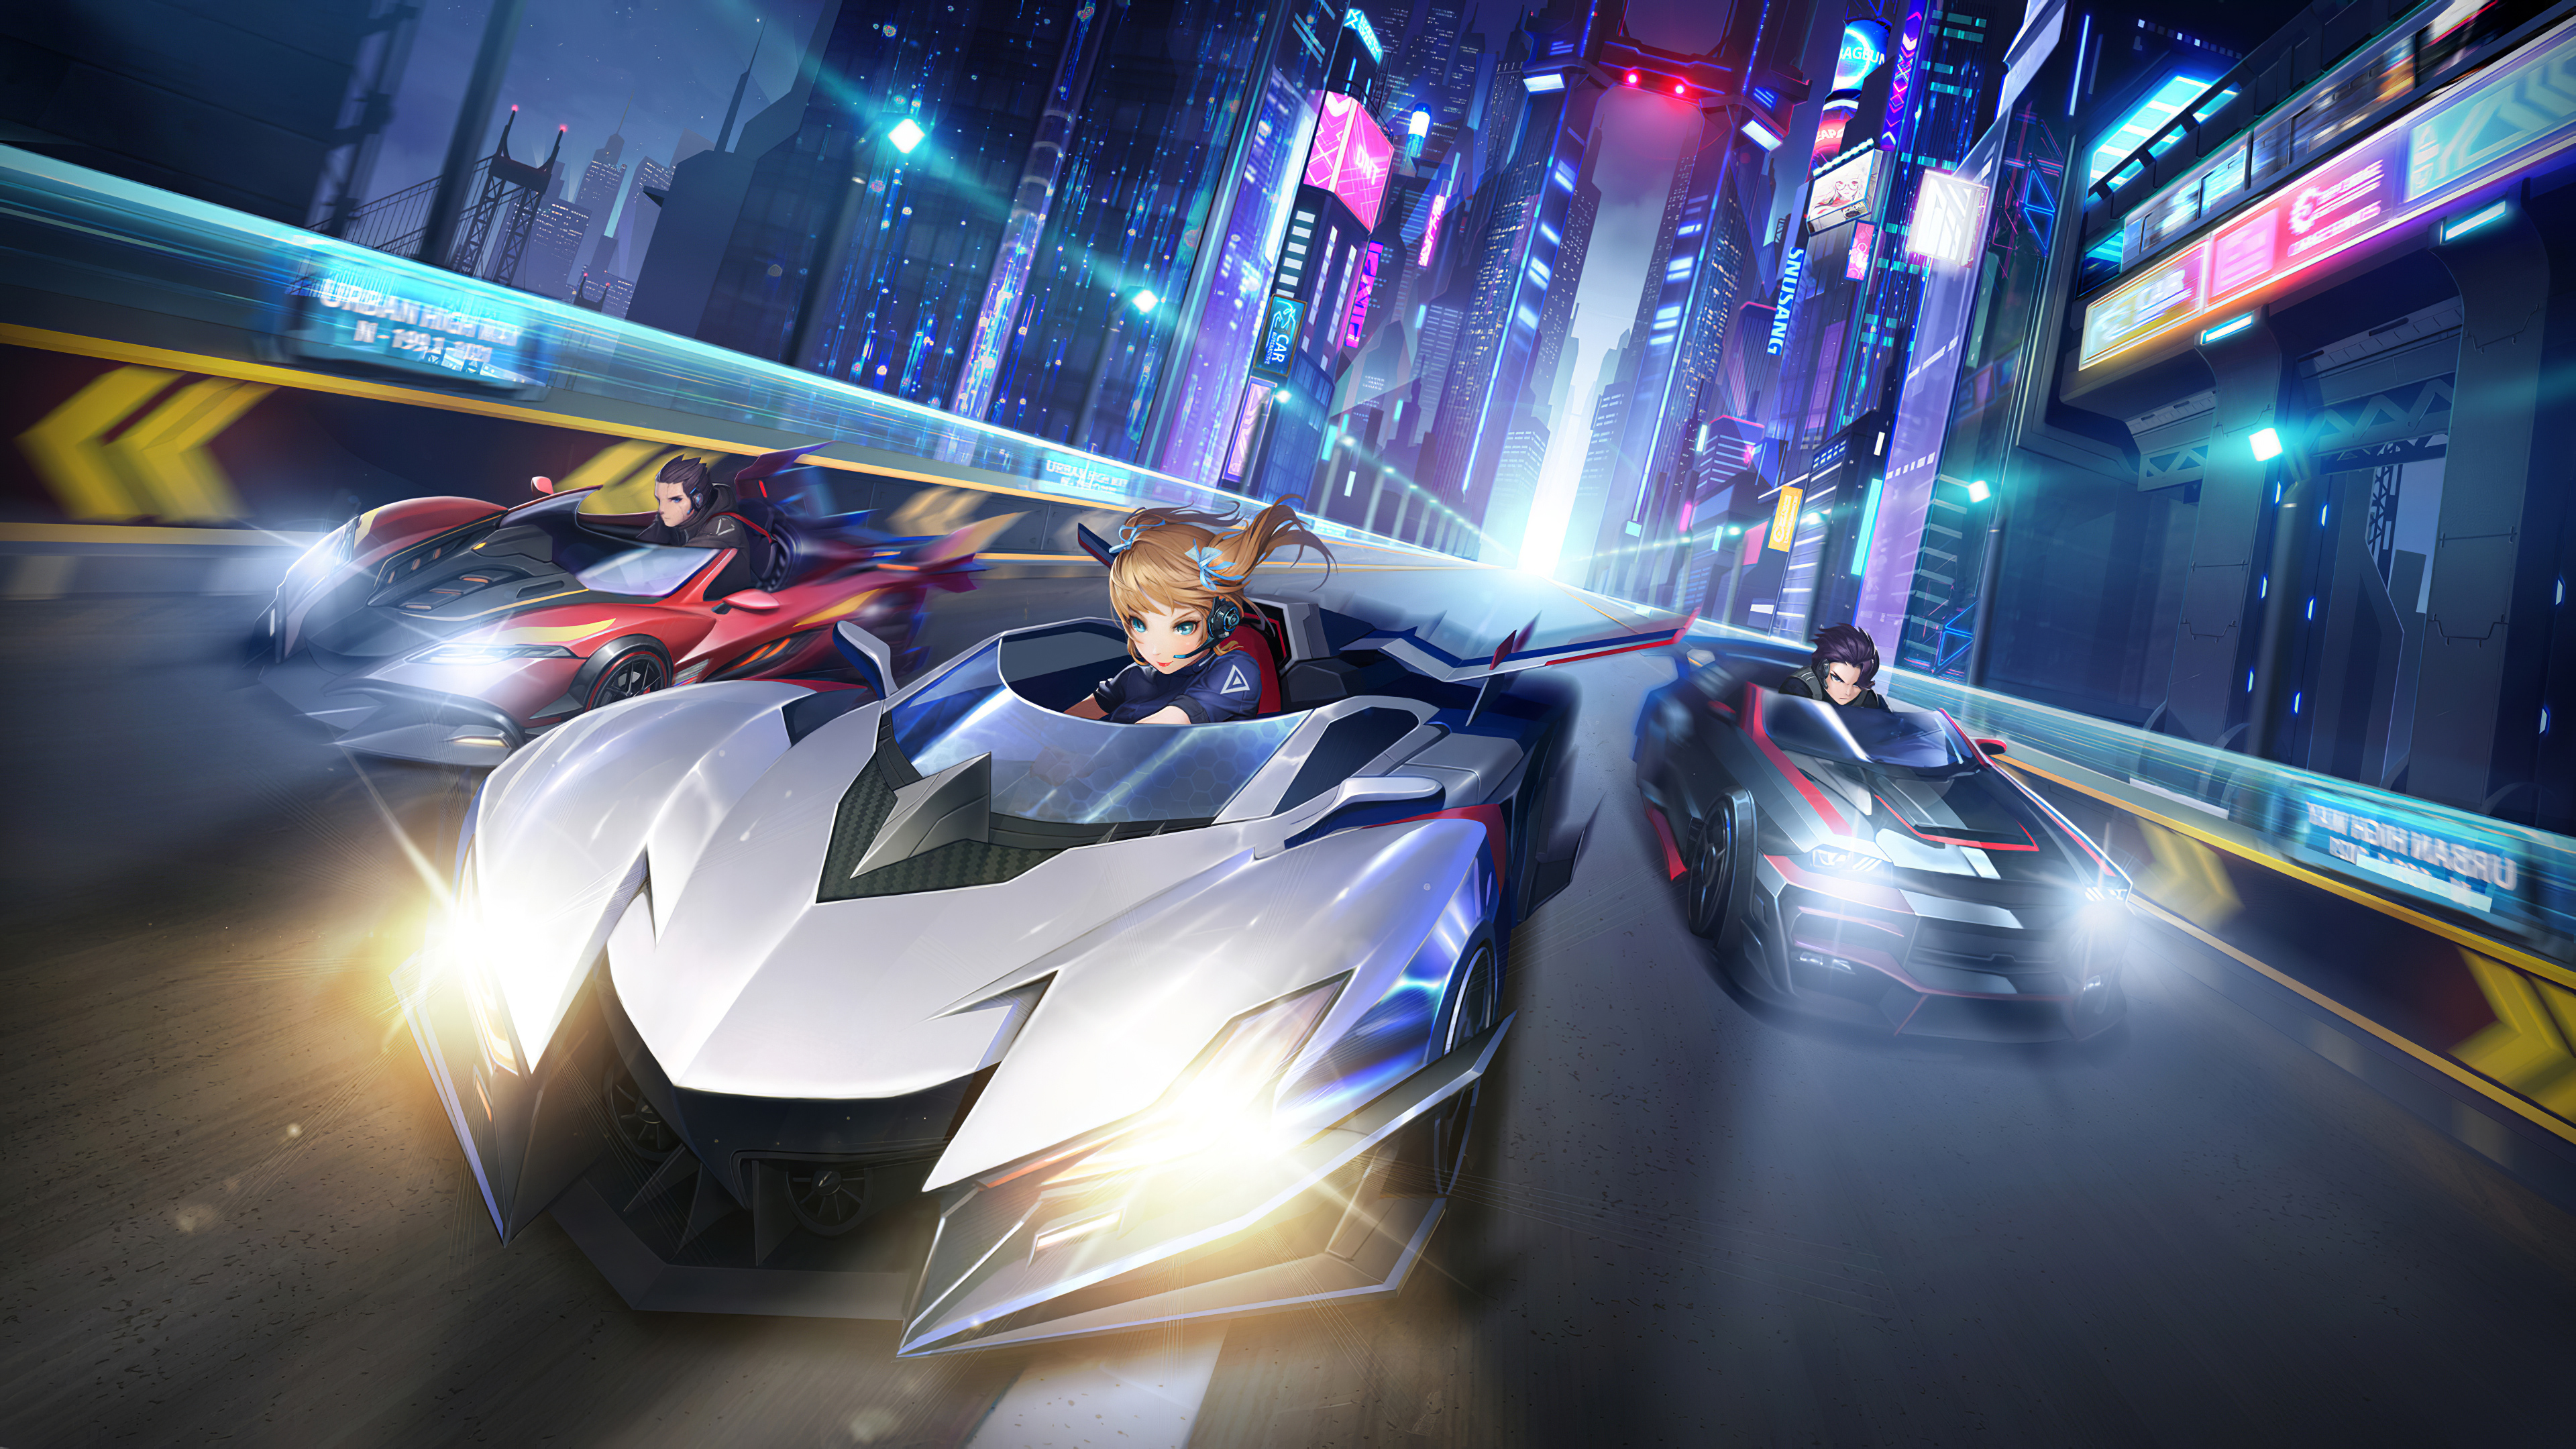 Fondos de pantalla Carrera de autos anime